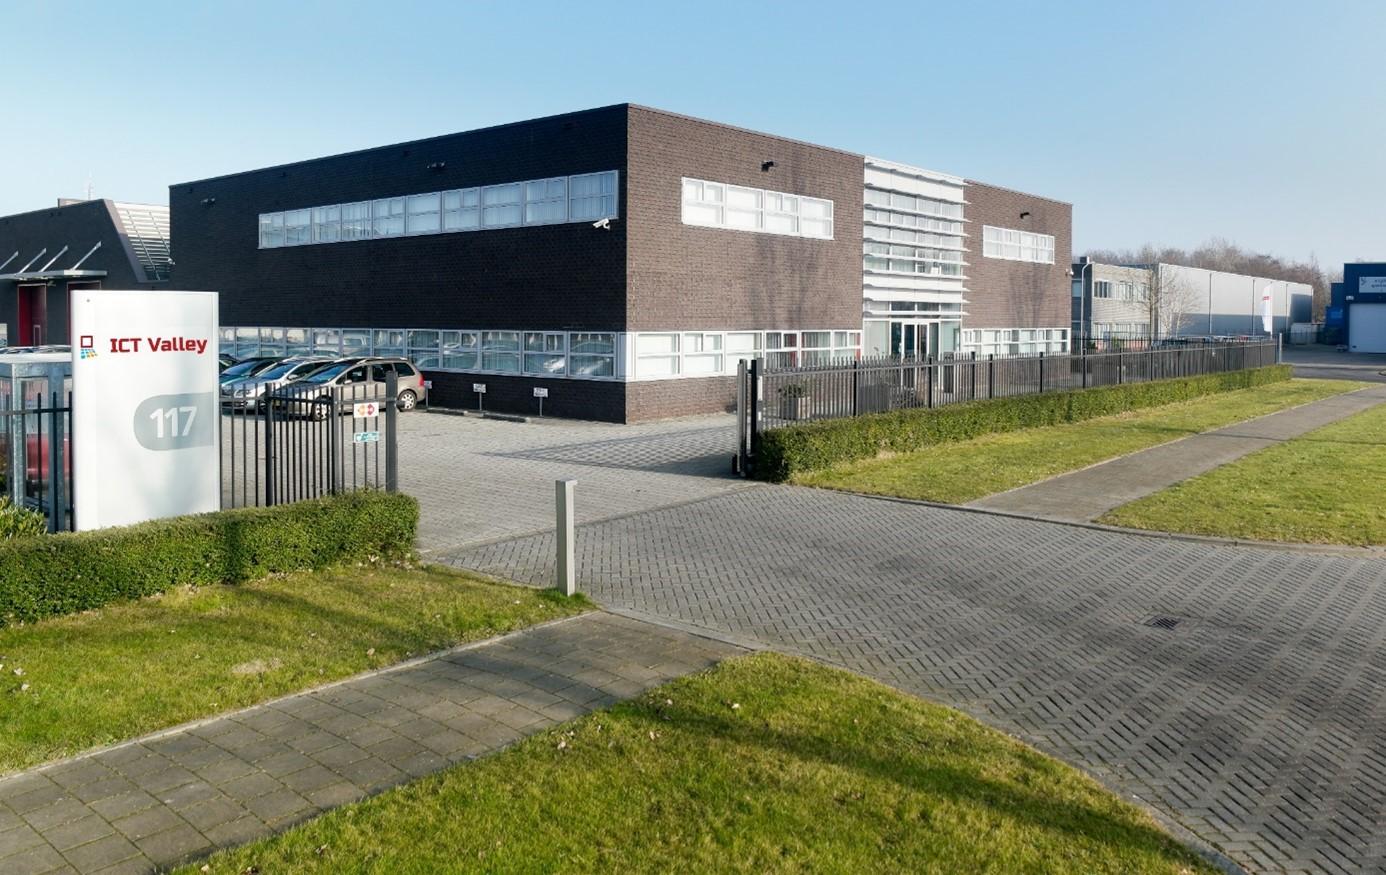 Spring Real Estate adviseert bij de verkoop van Splijtbakweg 117 in Almere